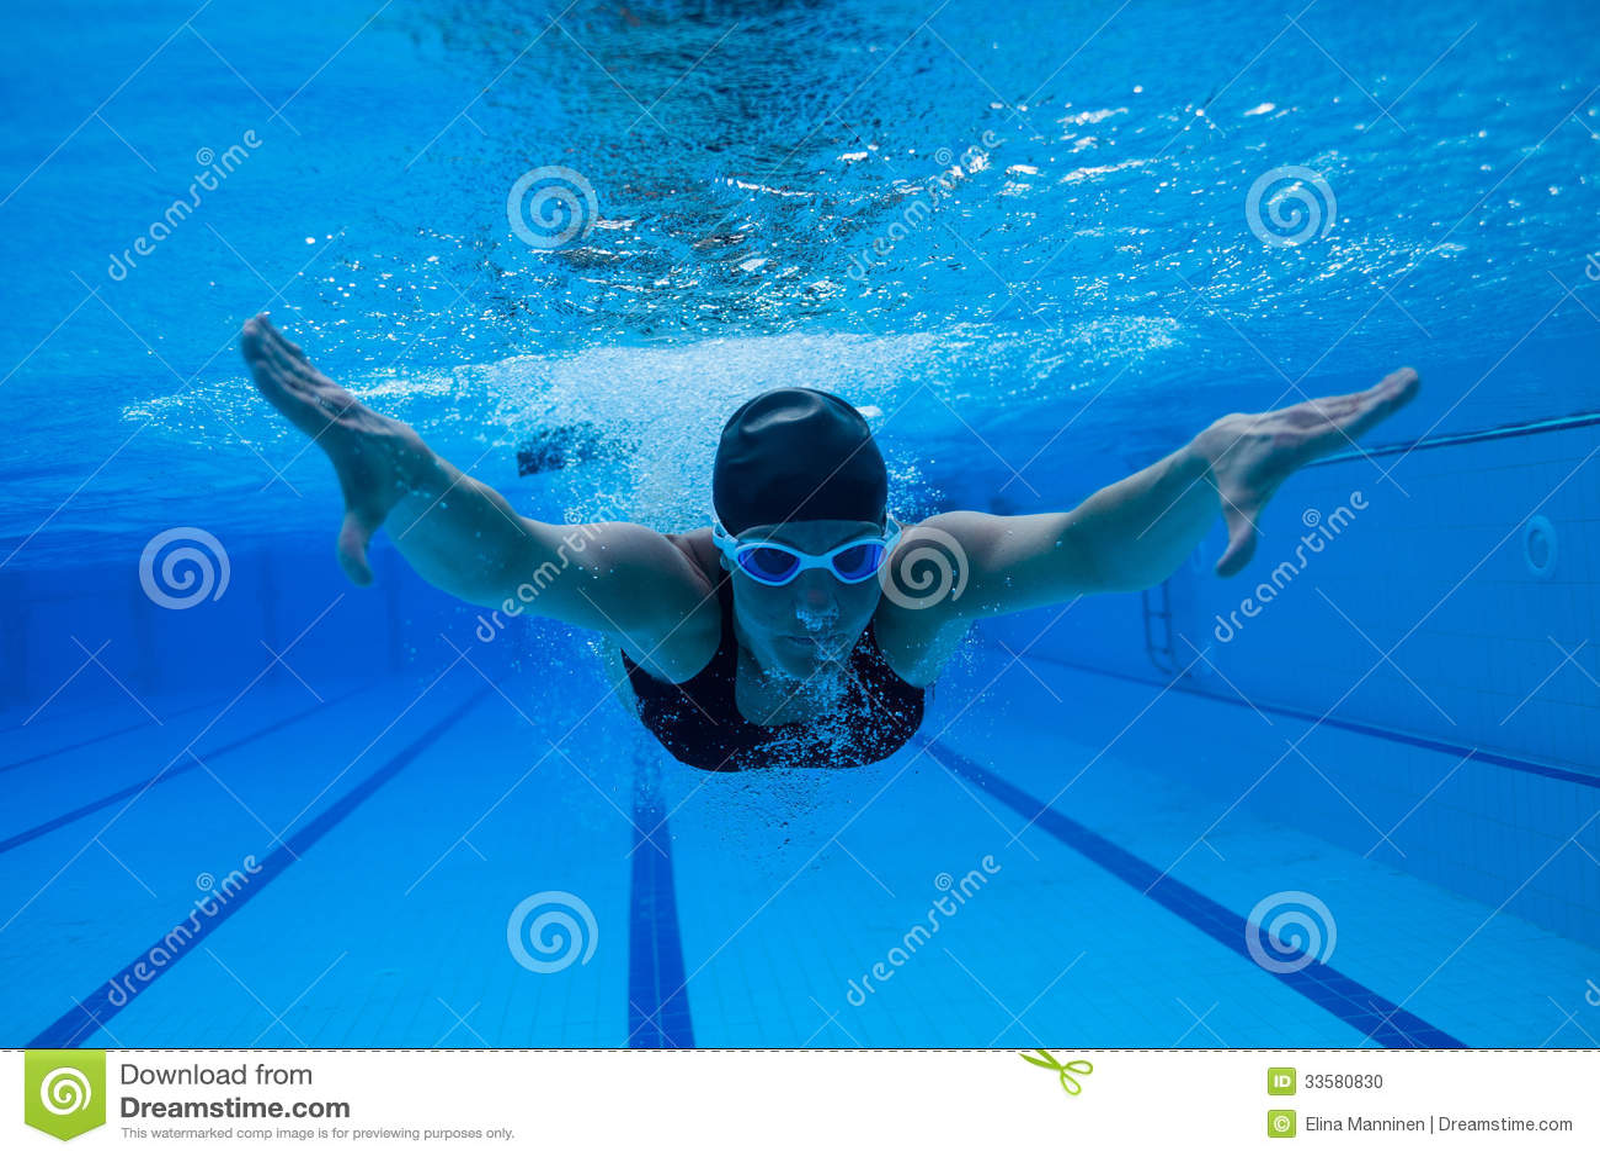 natation sous l 39 eau photo stock image du bulles tre 33580830. Black Bedroom Furniture Sets. Home Design Ideas